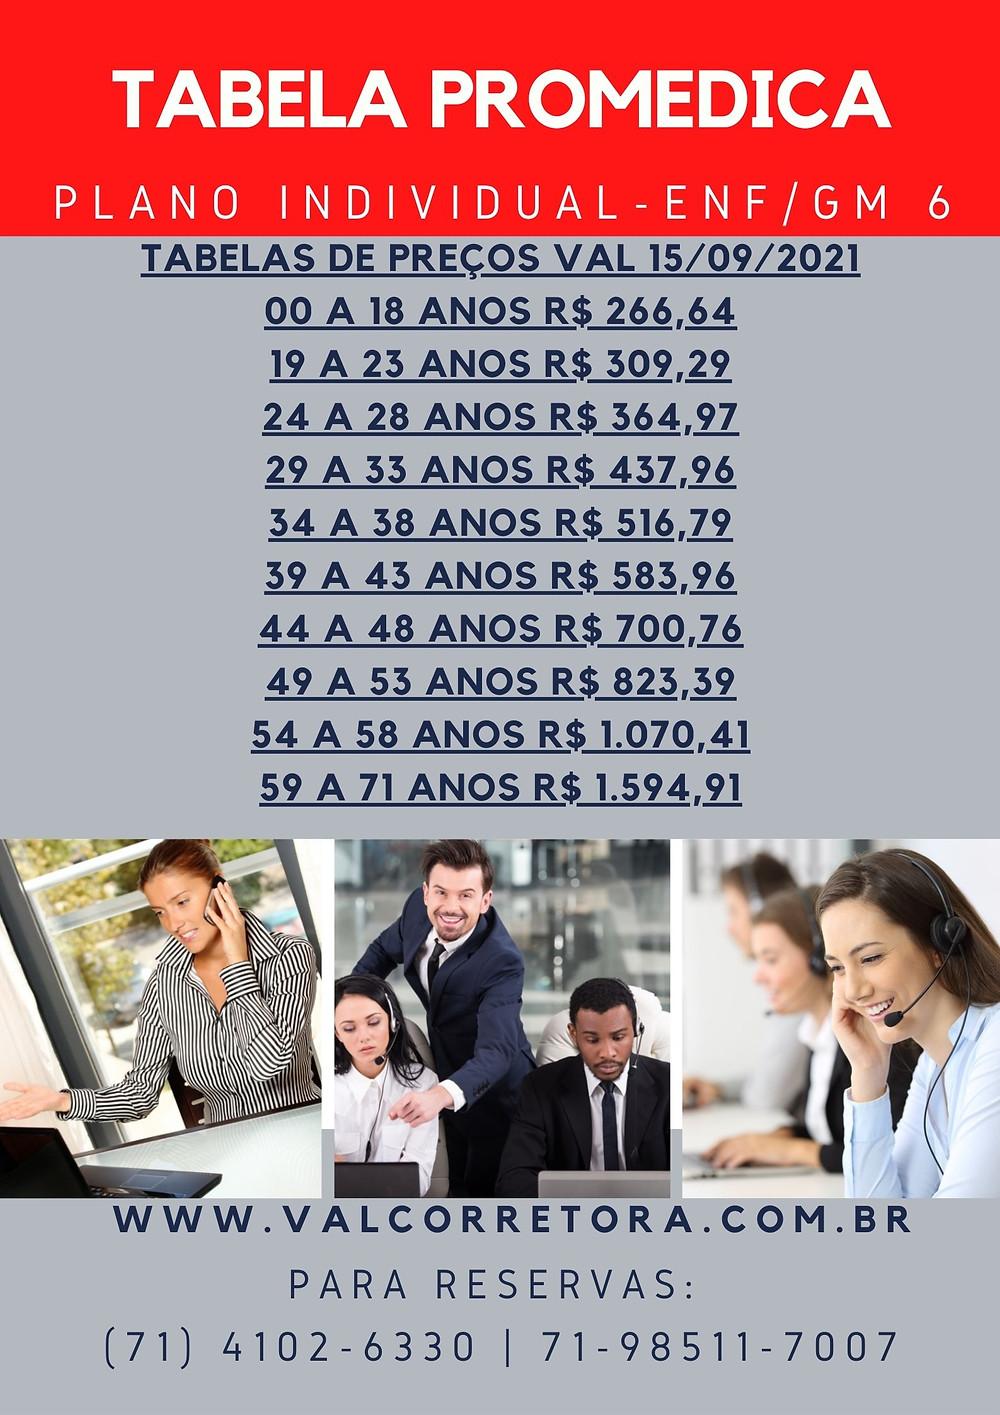 TABELAS DE PRECOS PROMEDICA